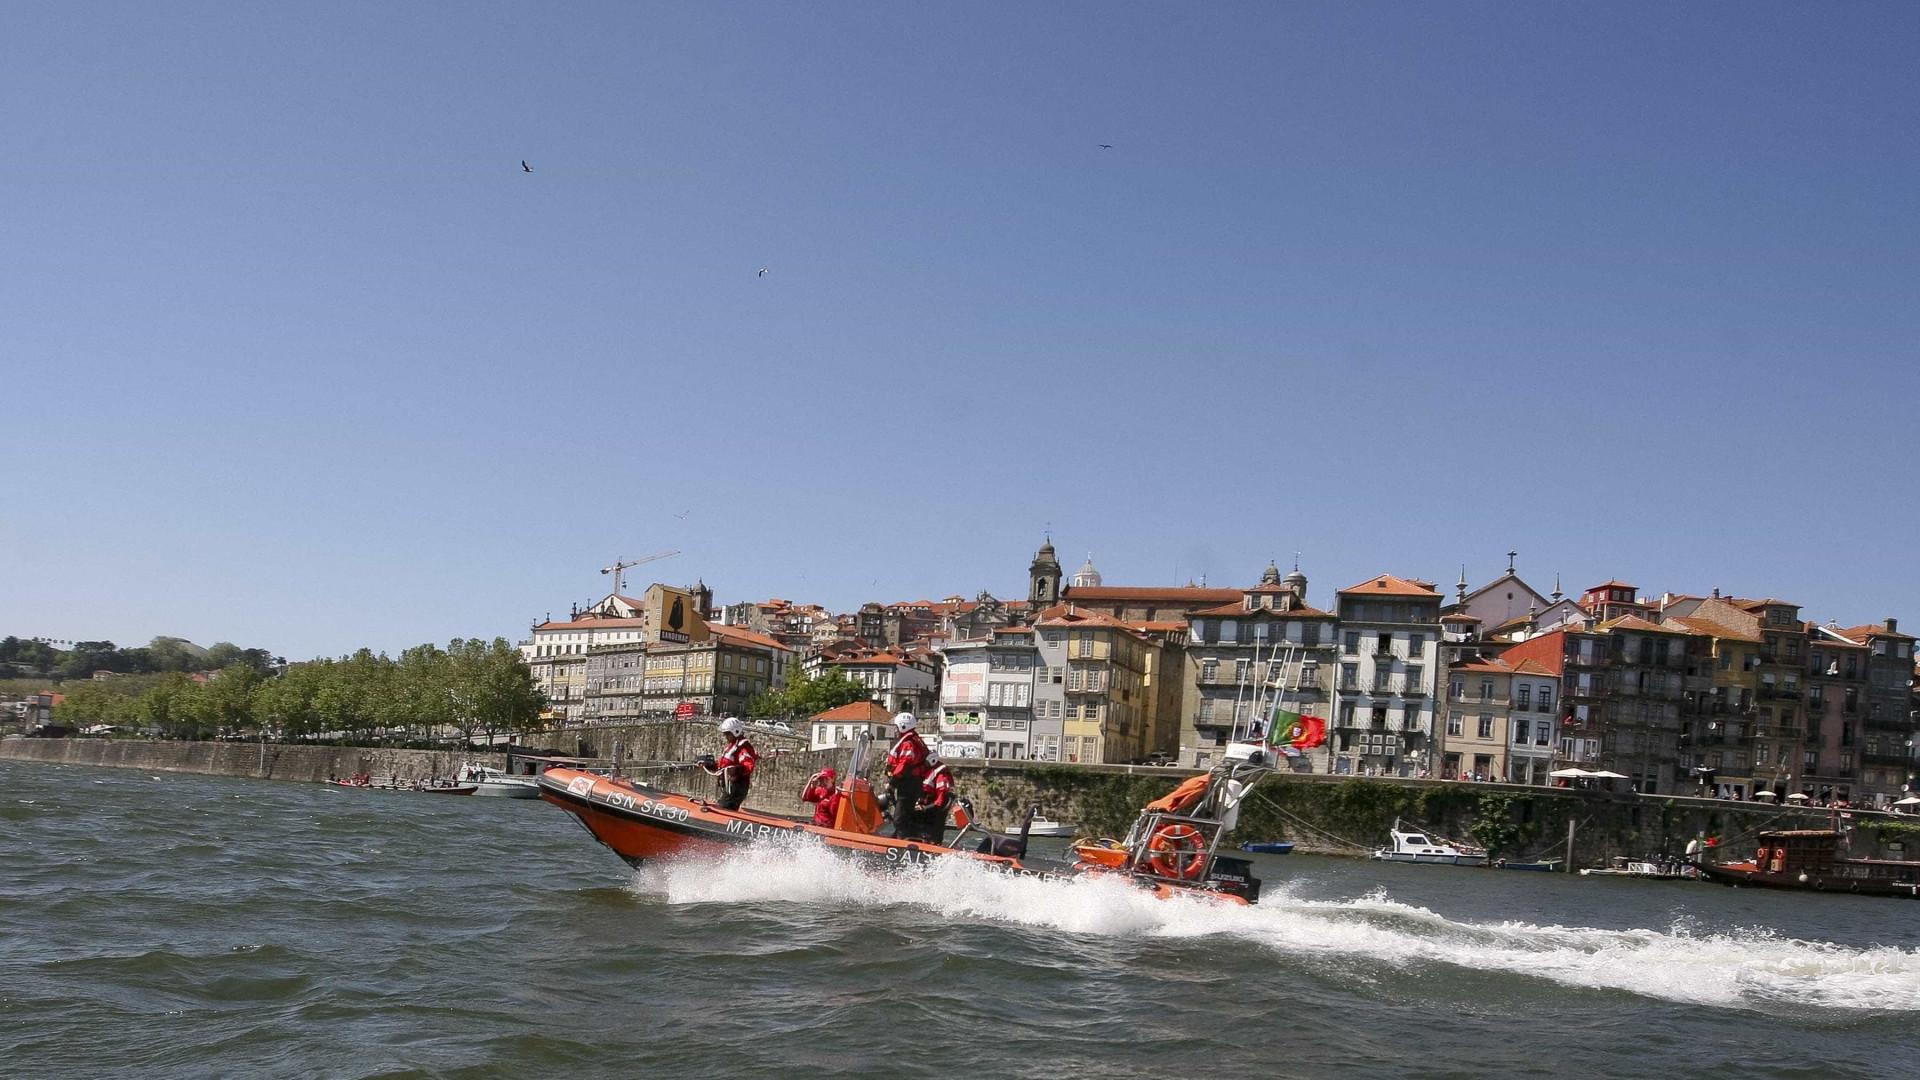 Turista norte-americano desaparecido após mergulho no Douro